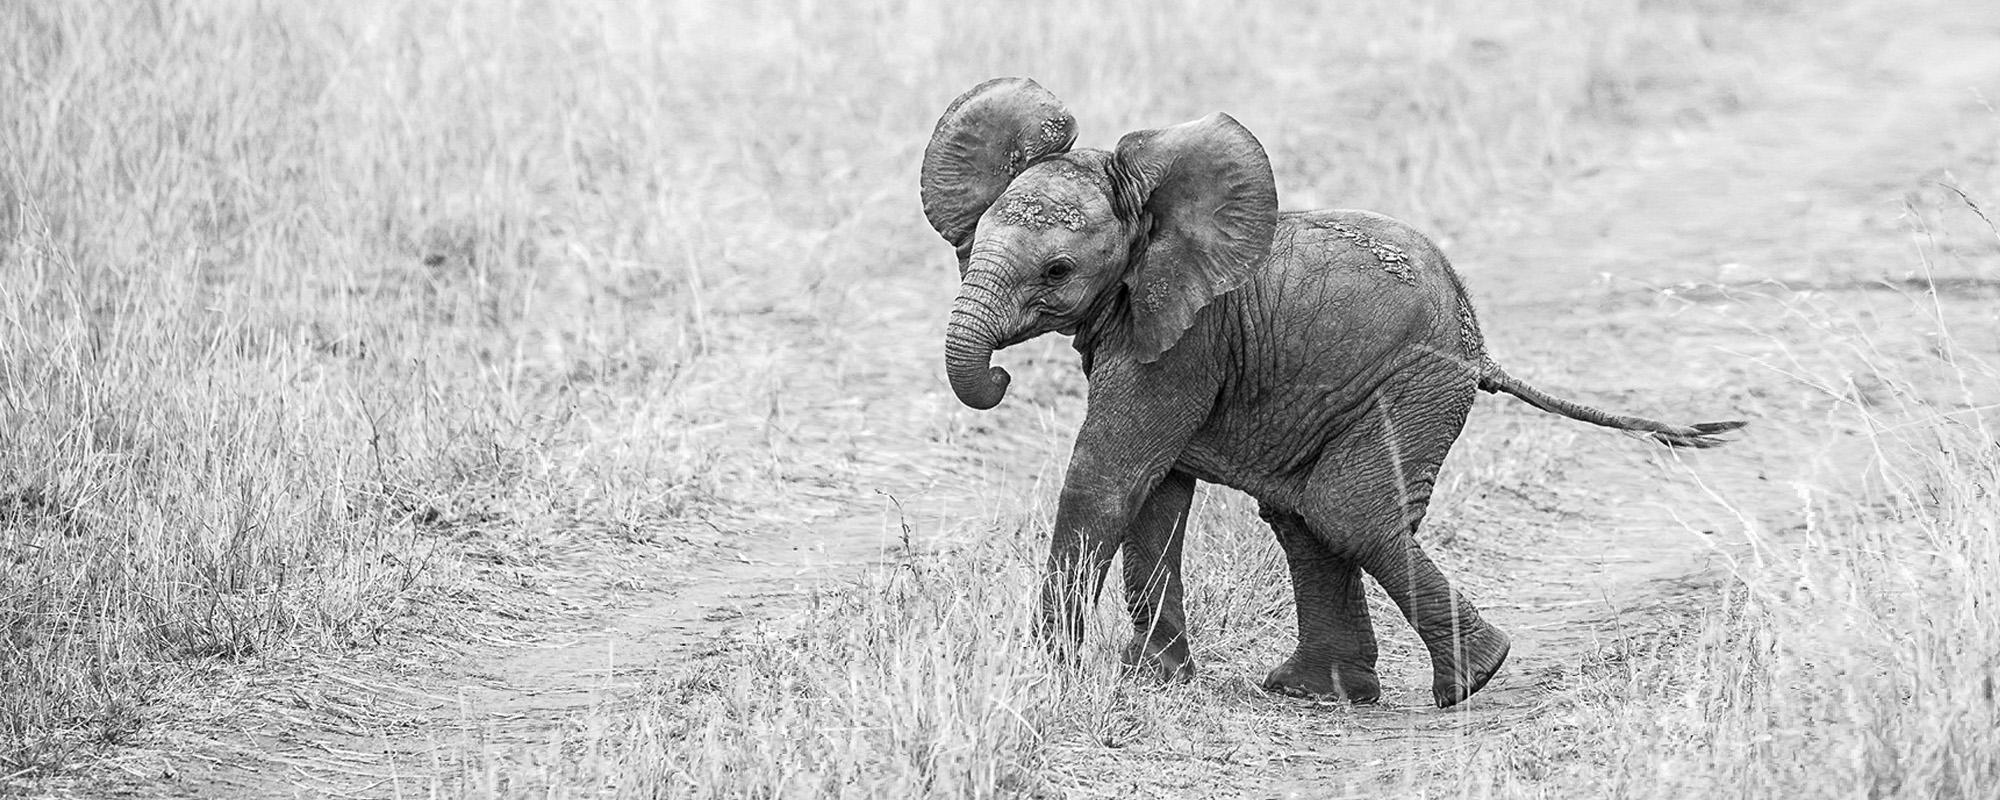 Pangolin Photo Safaris 10